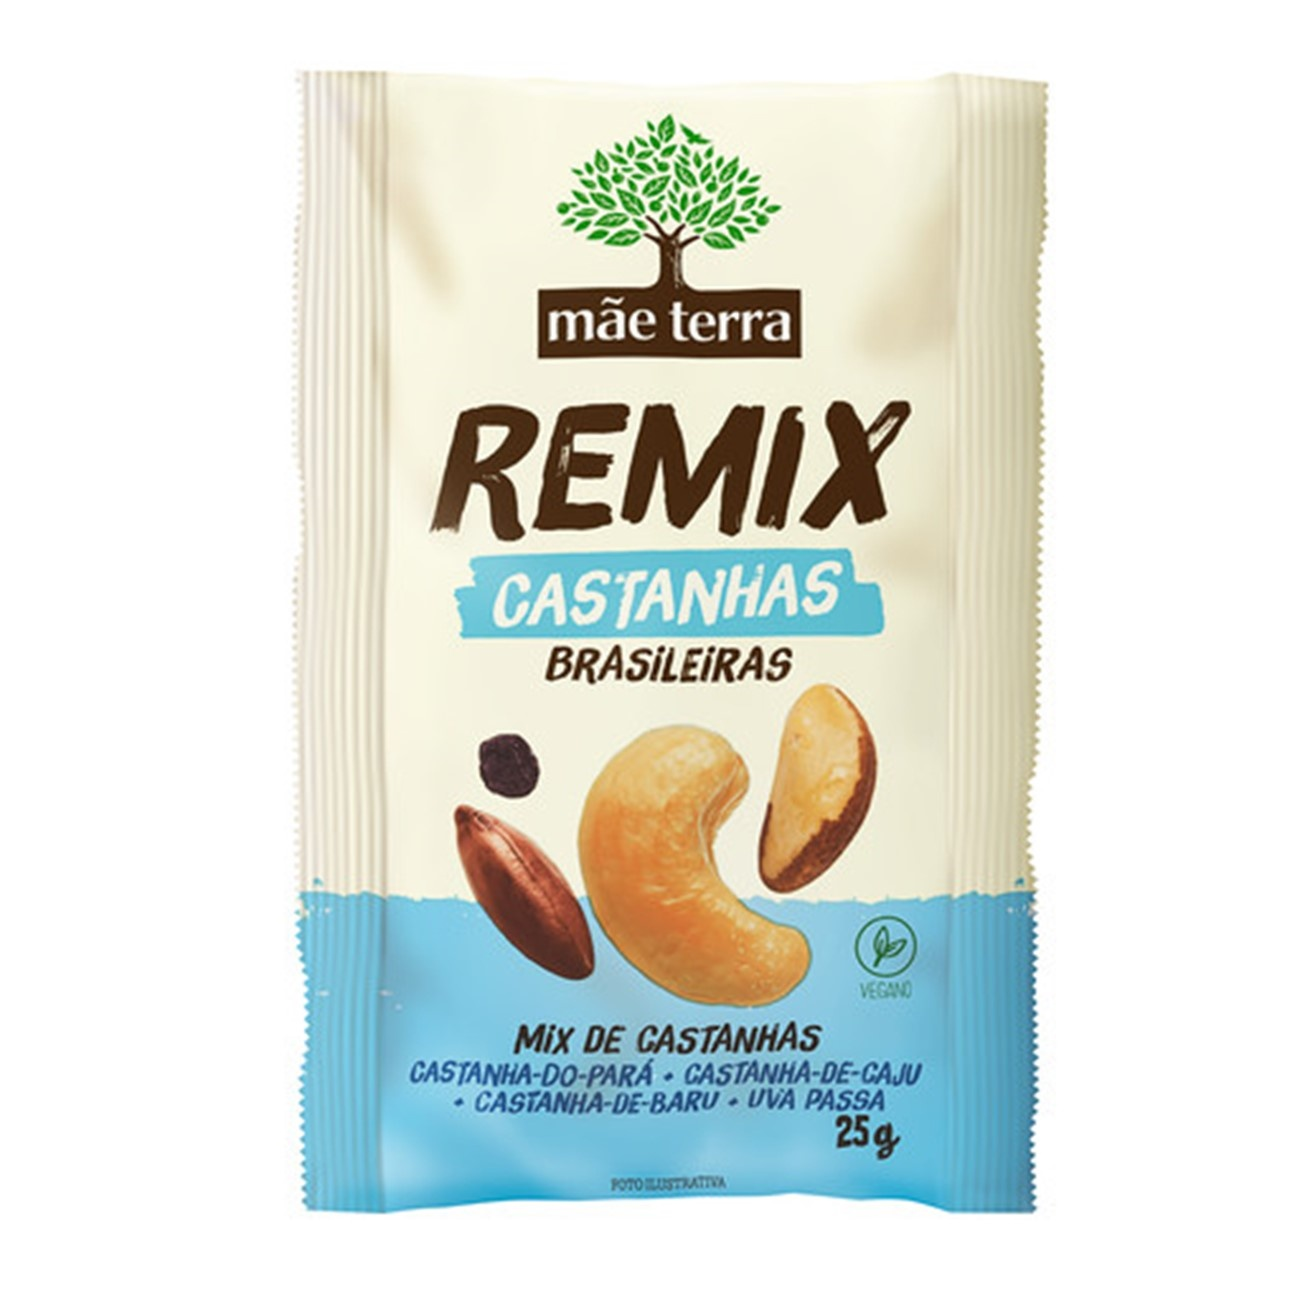 Remix M�e Terra Castanhas Brasileiras | 9 unidades